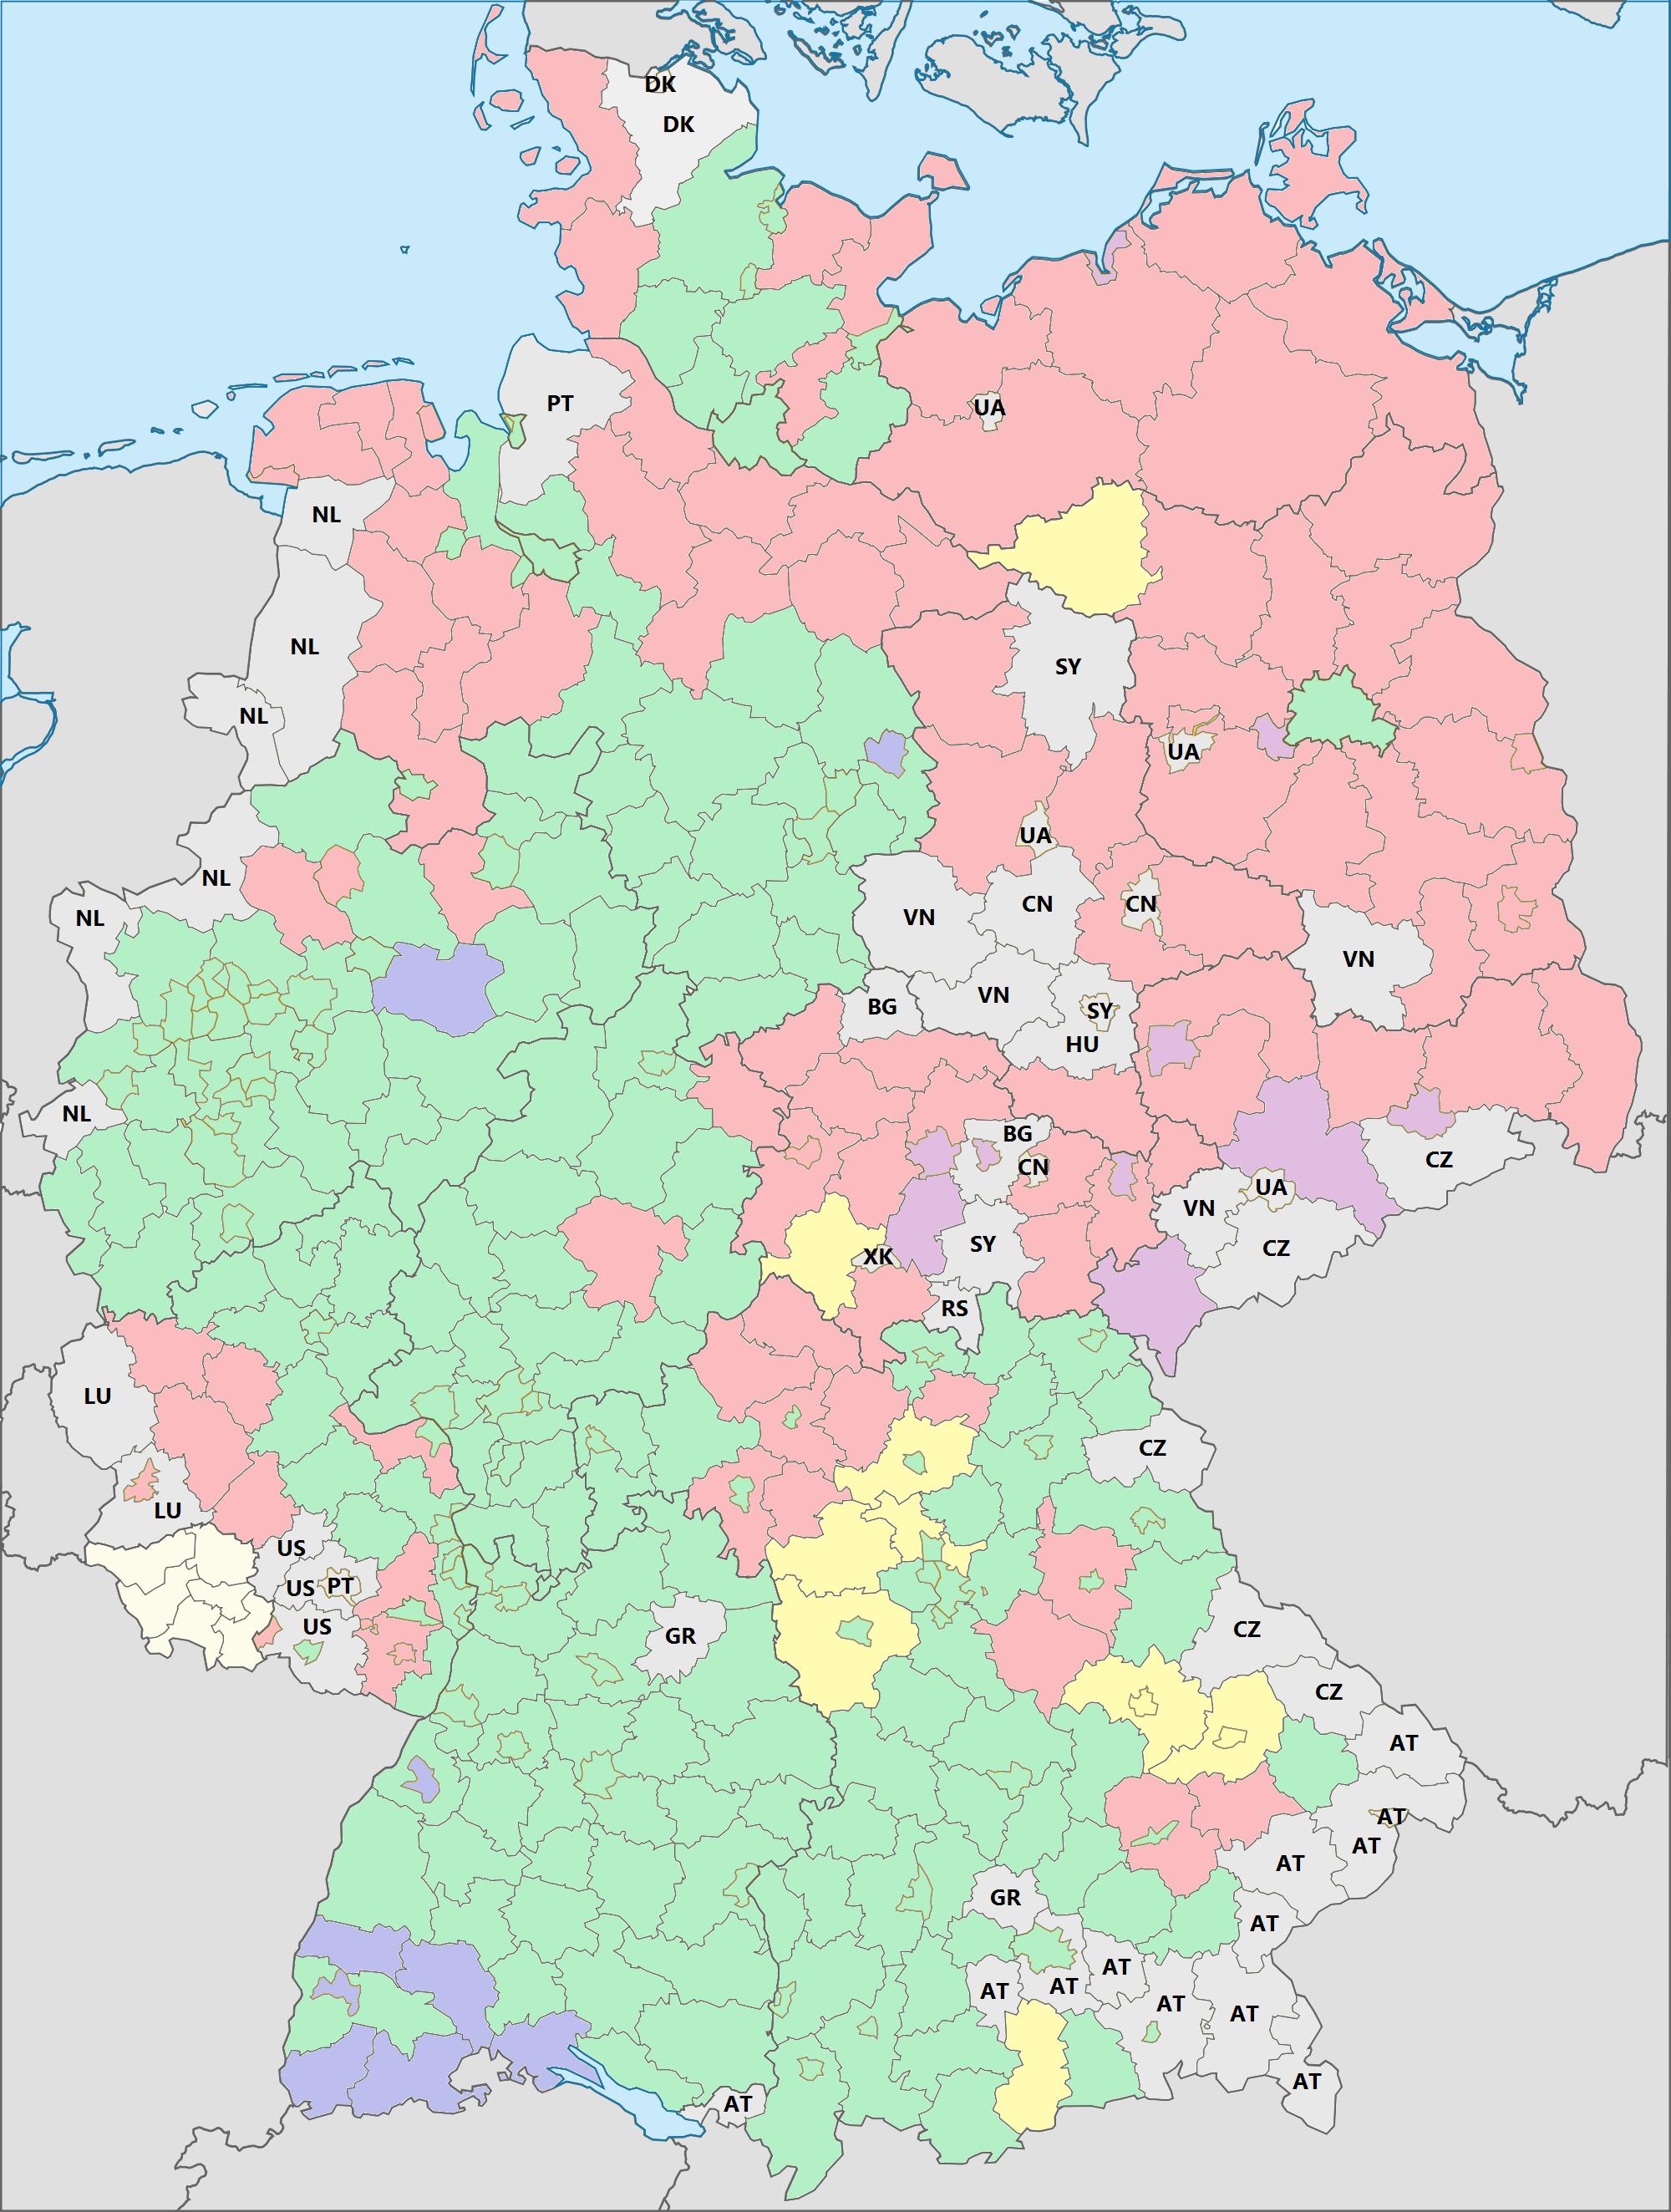 deutschland landkreise karte File:Karte Kreise Deutschland Ausländer nach Herkunft.png